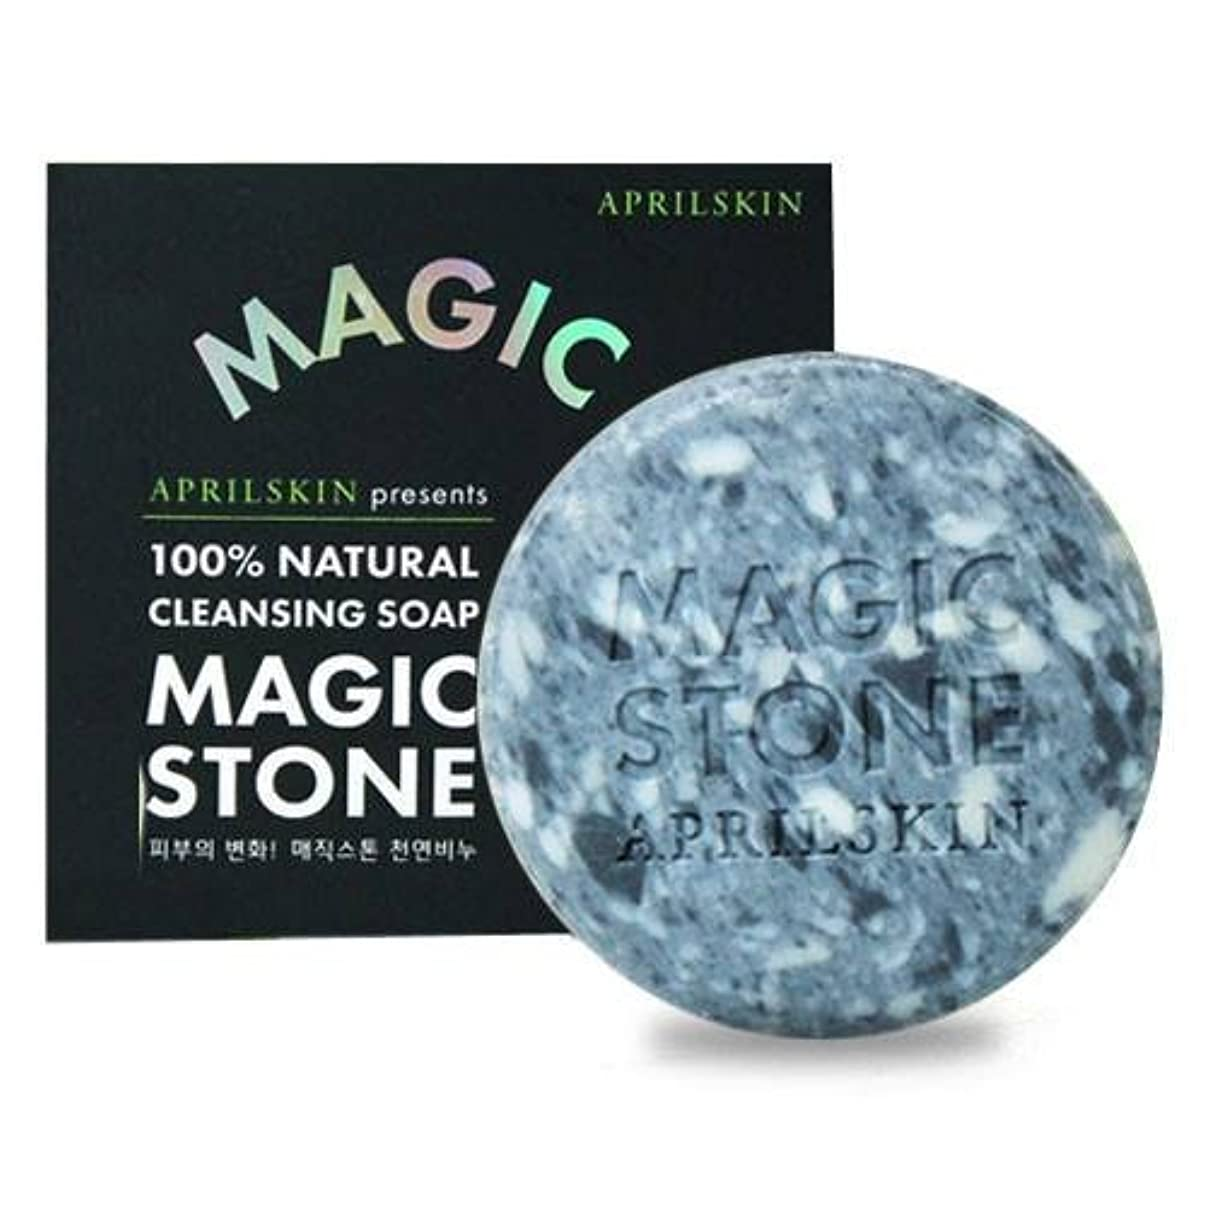 クラフトのぞき穴教え[APRILSKIN] エイプリルスキン国民石鹸 (APRIL SKIN magic stone マジックストーンのリニューアルバージョン新発売) (ORIGINAL) [並行輸入品]